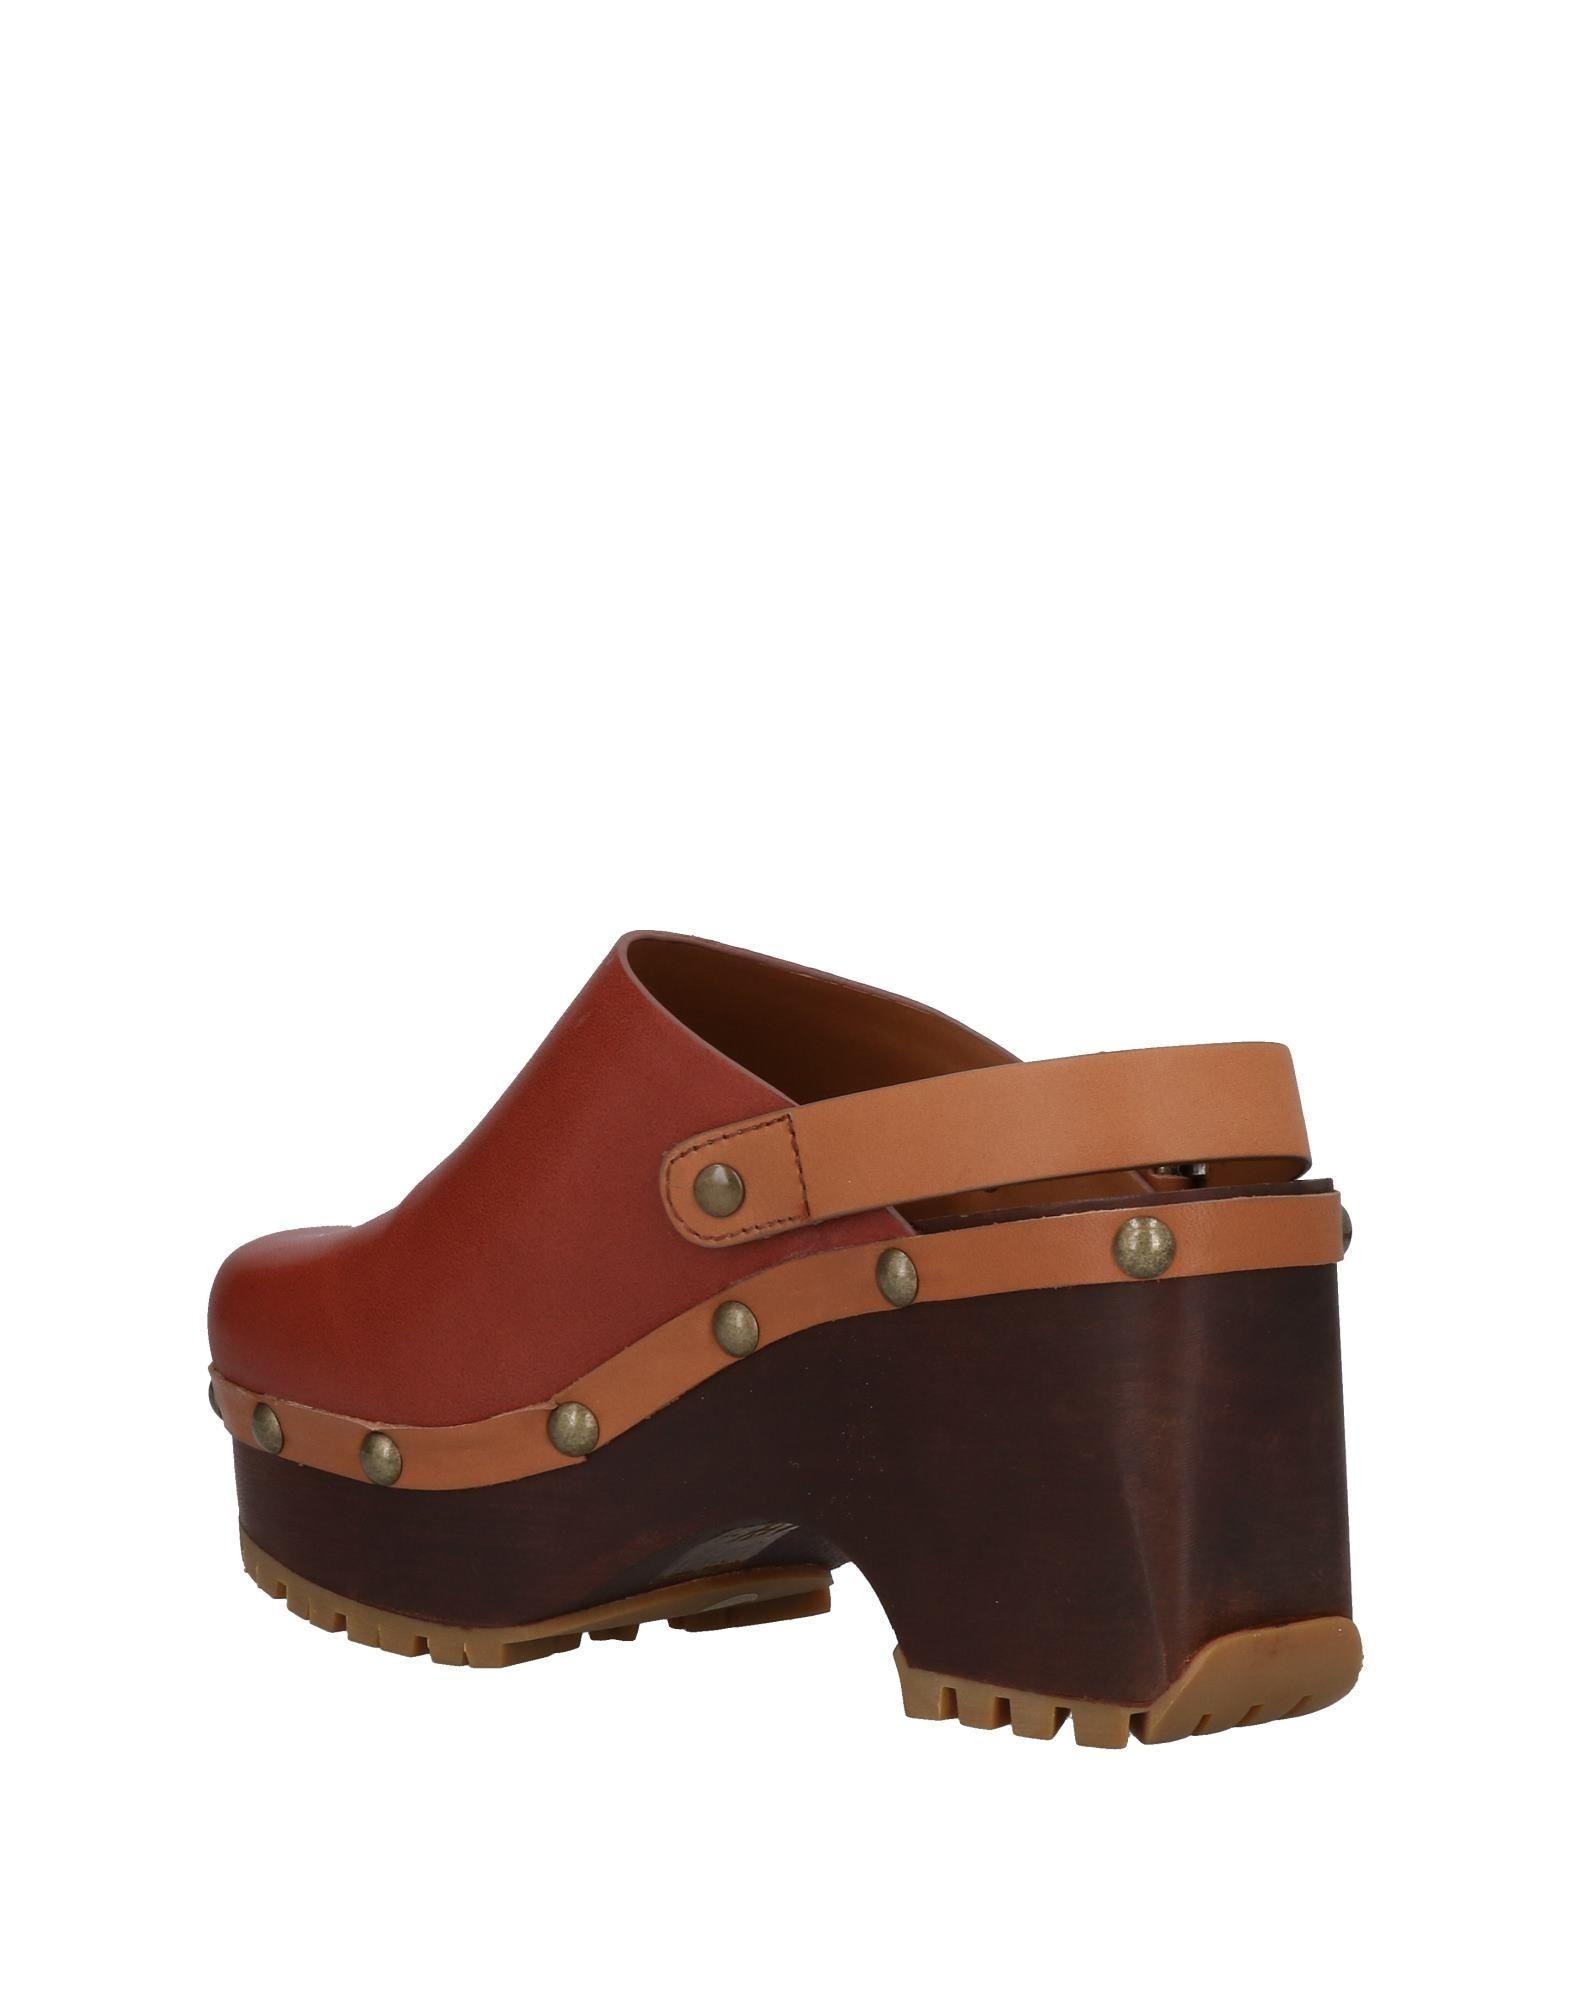 Rabatt Schuhe Pantoletten See By Chloé Pantoletten Schuhe Damen  11492686LW 06c9e1